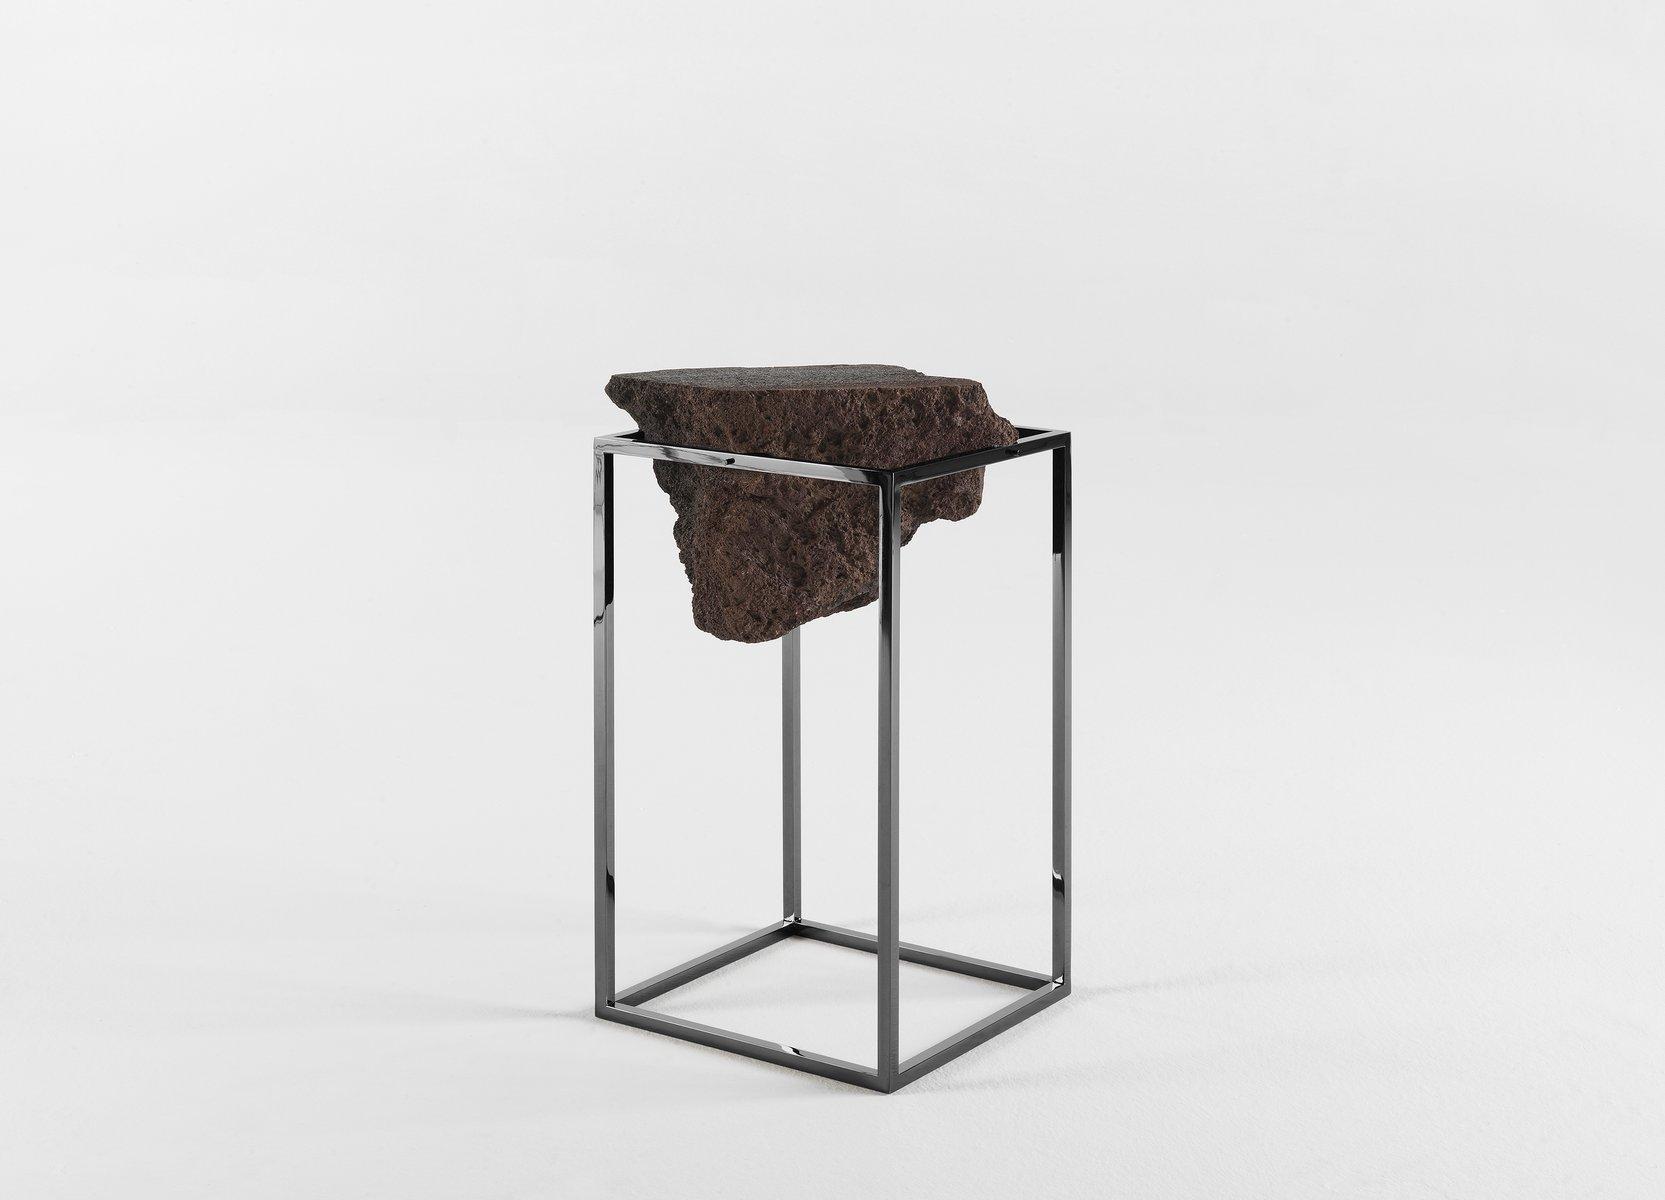 hoher chrom antivol tisch von ctrlzak f r jcp bei pamono kaufen. Black Bedroom Furniture Sets. Home Design Ideas